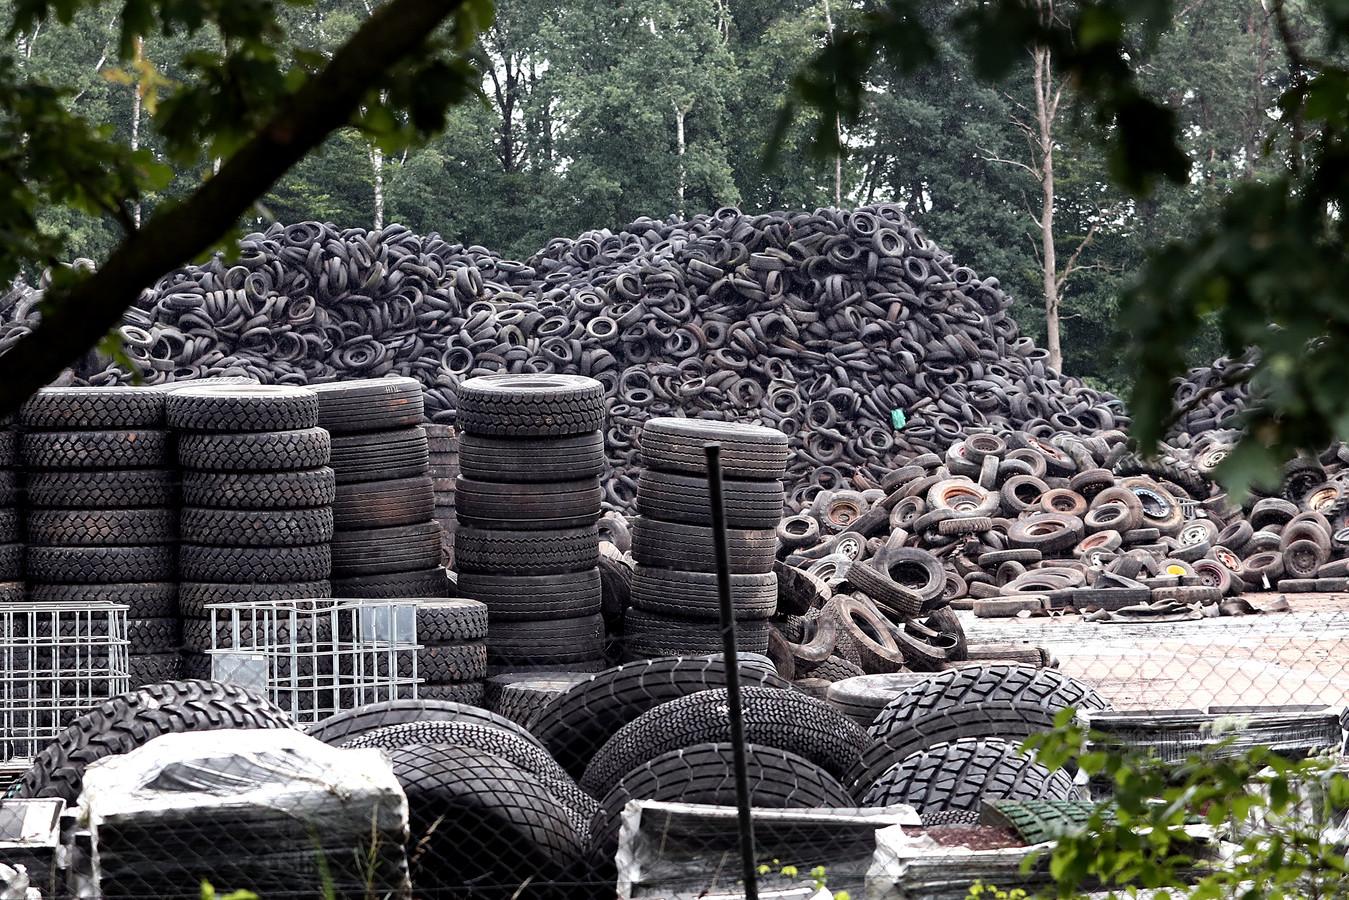 Inwoners van Almen maken zich zorgen over de gevolgen van een brand bij bandenrecyclingbedrijf Doornberg in Almen.